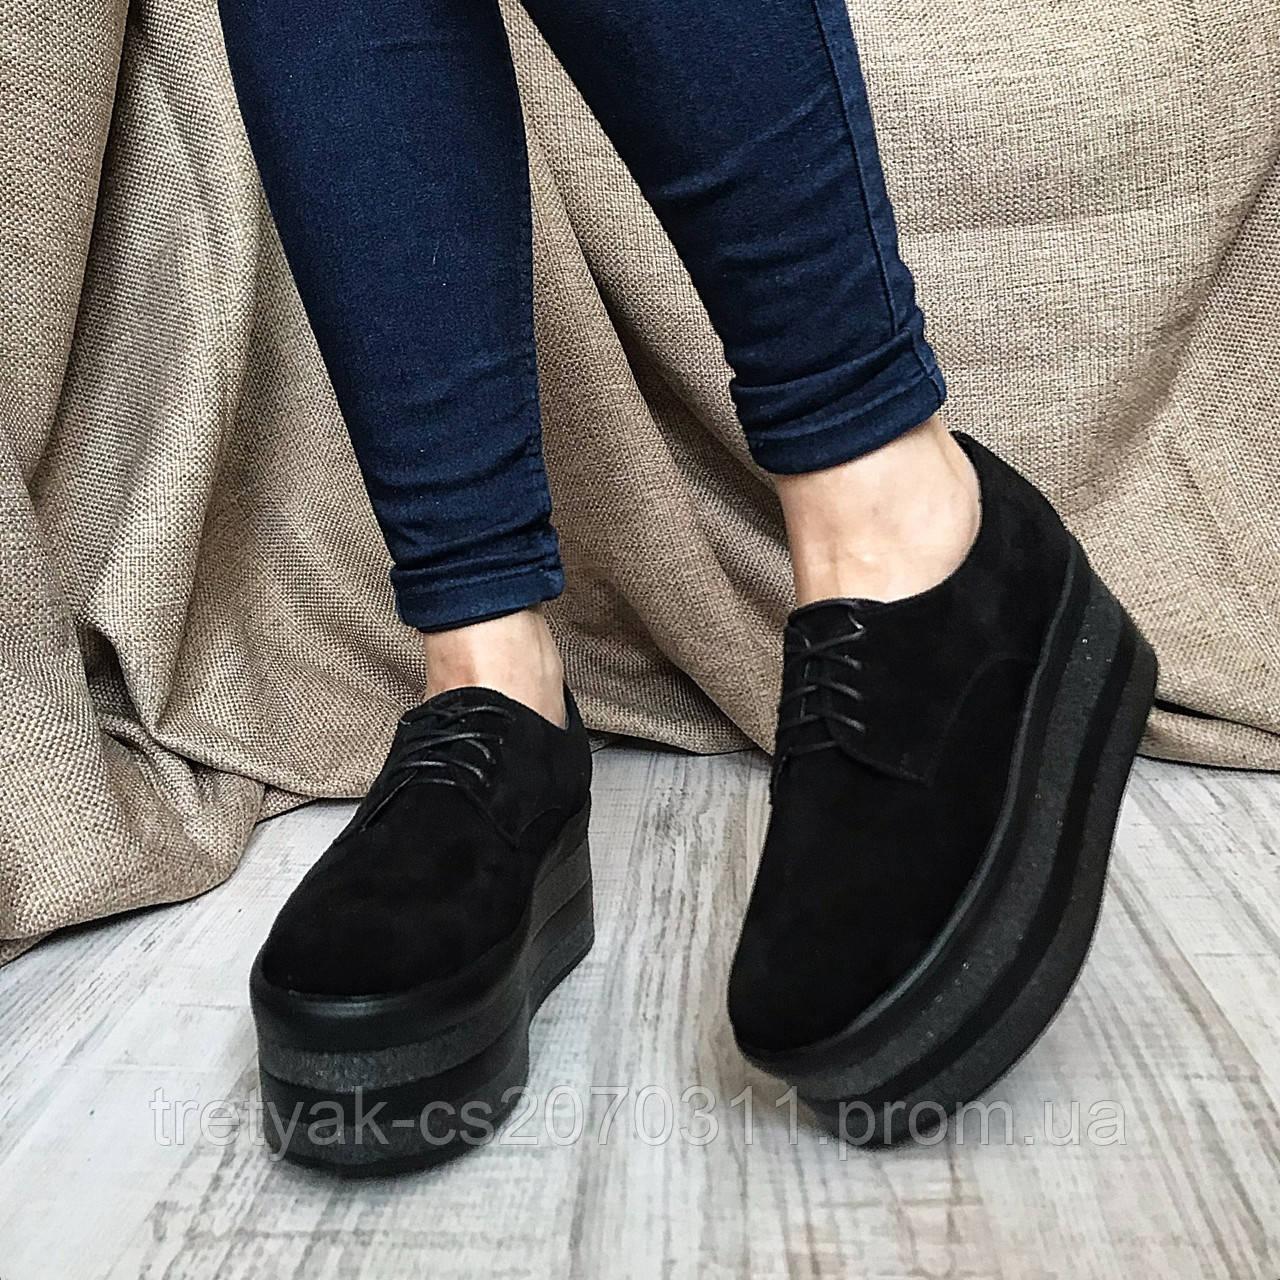 0a4ab9e2e Туфли слипоны женские на высокой платформе чёрно цвета из замши - КРОК в  Харькове